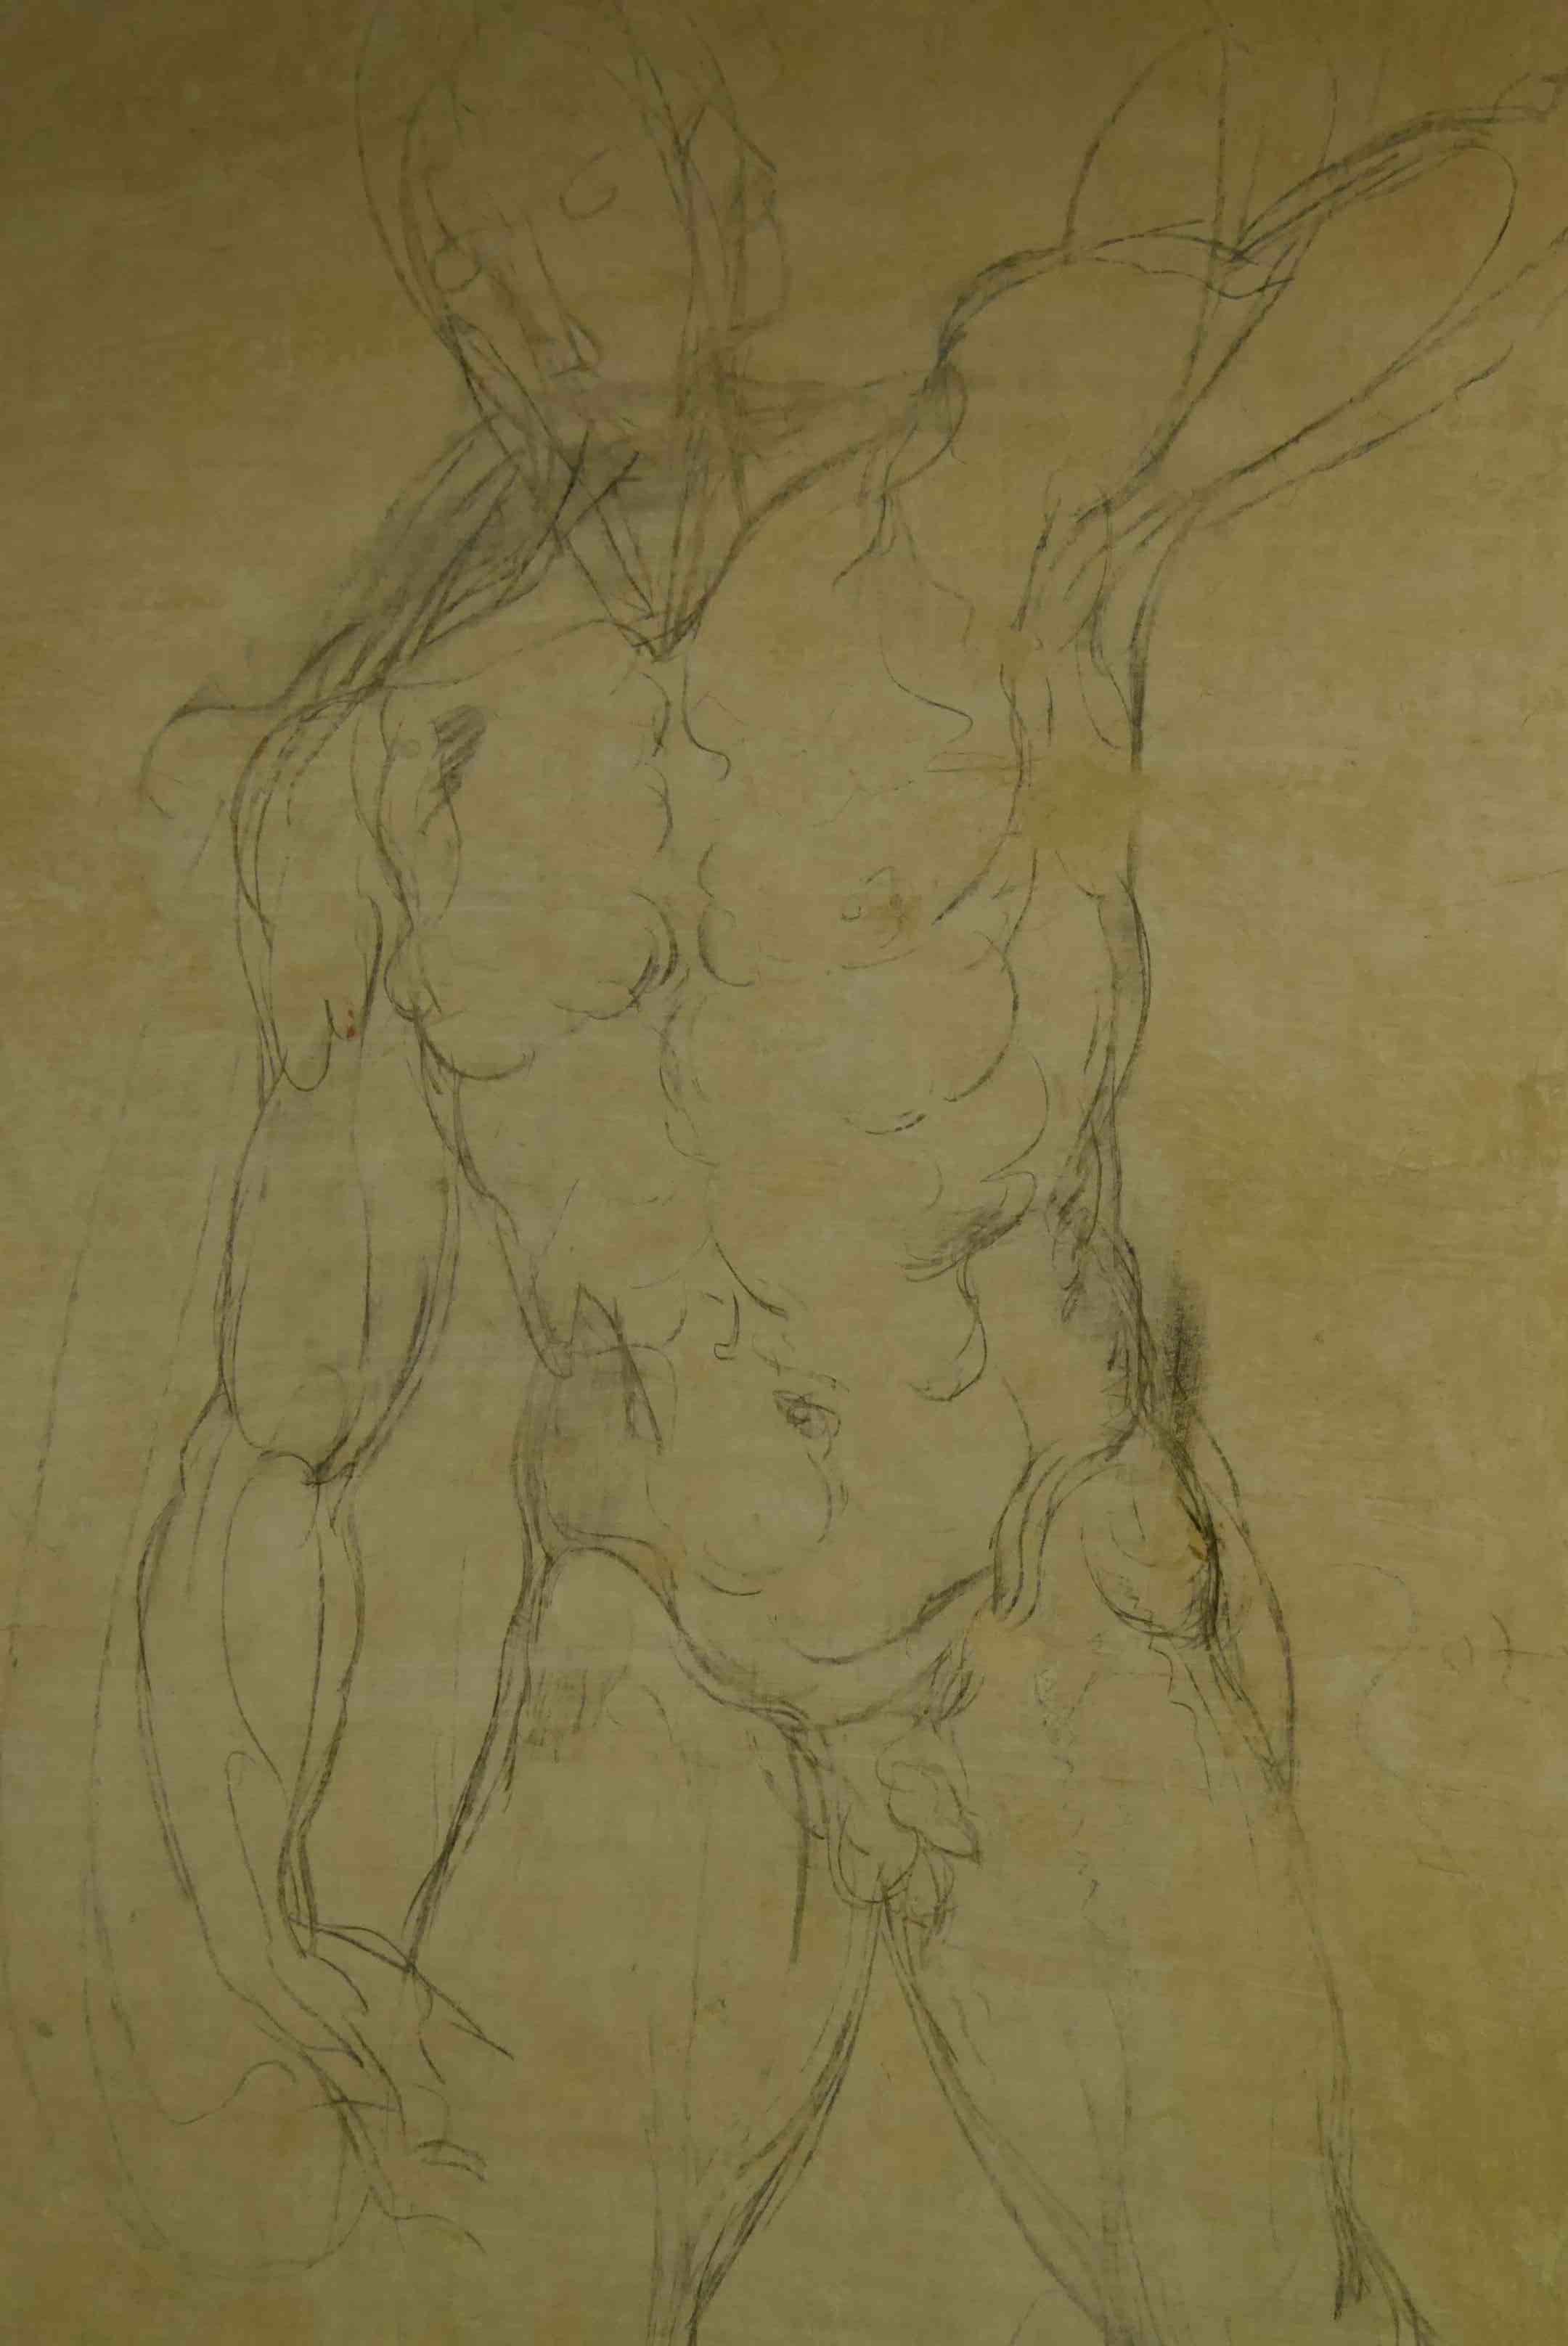 Chambre secrète Michelangelo Alidifirenze5